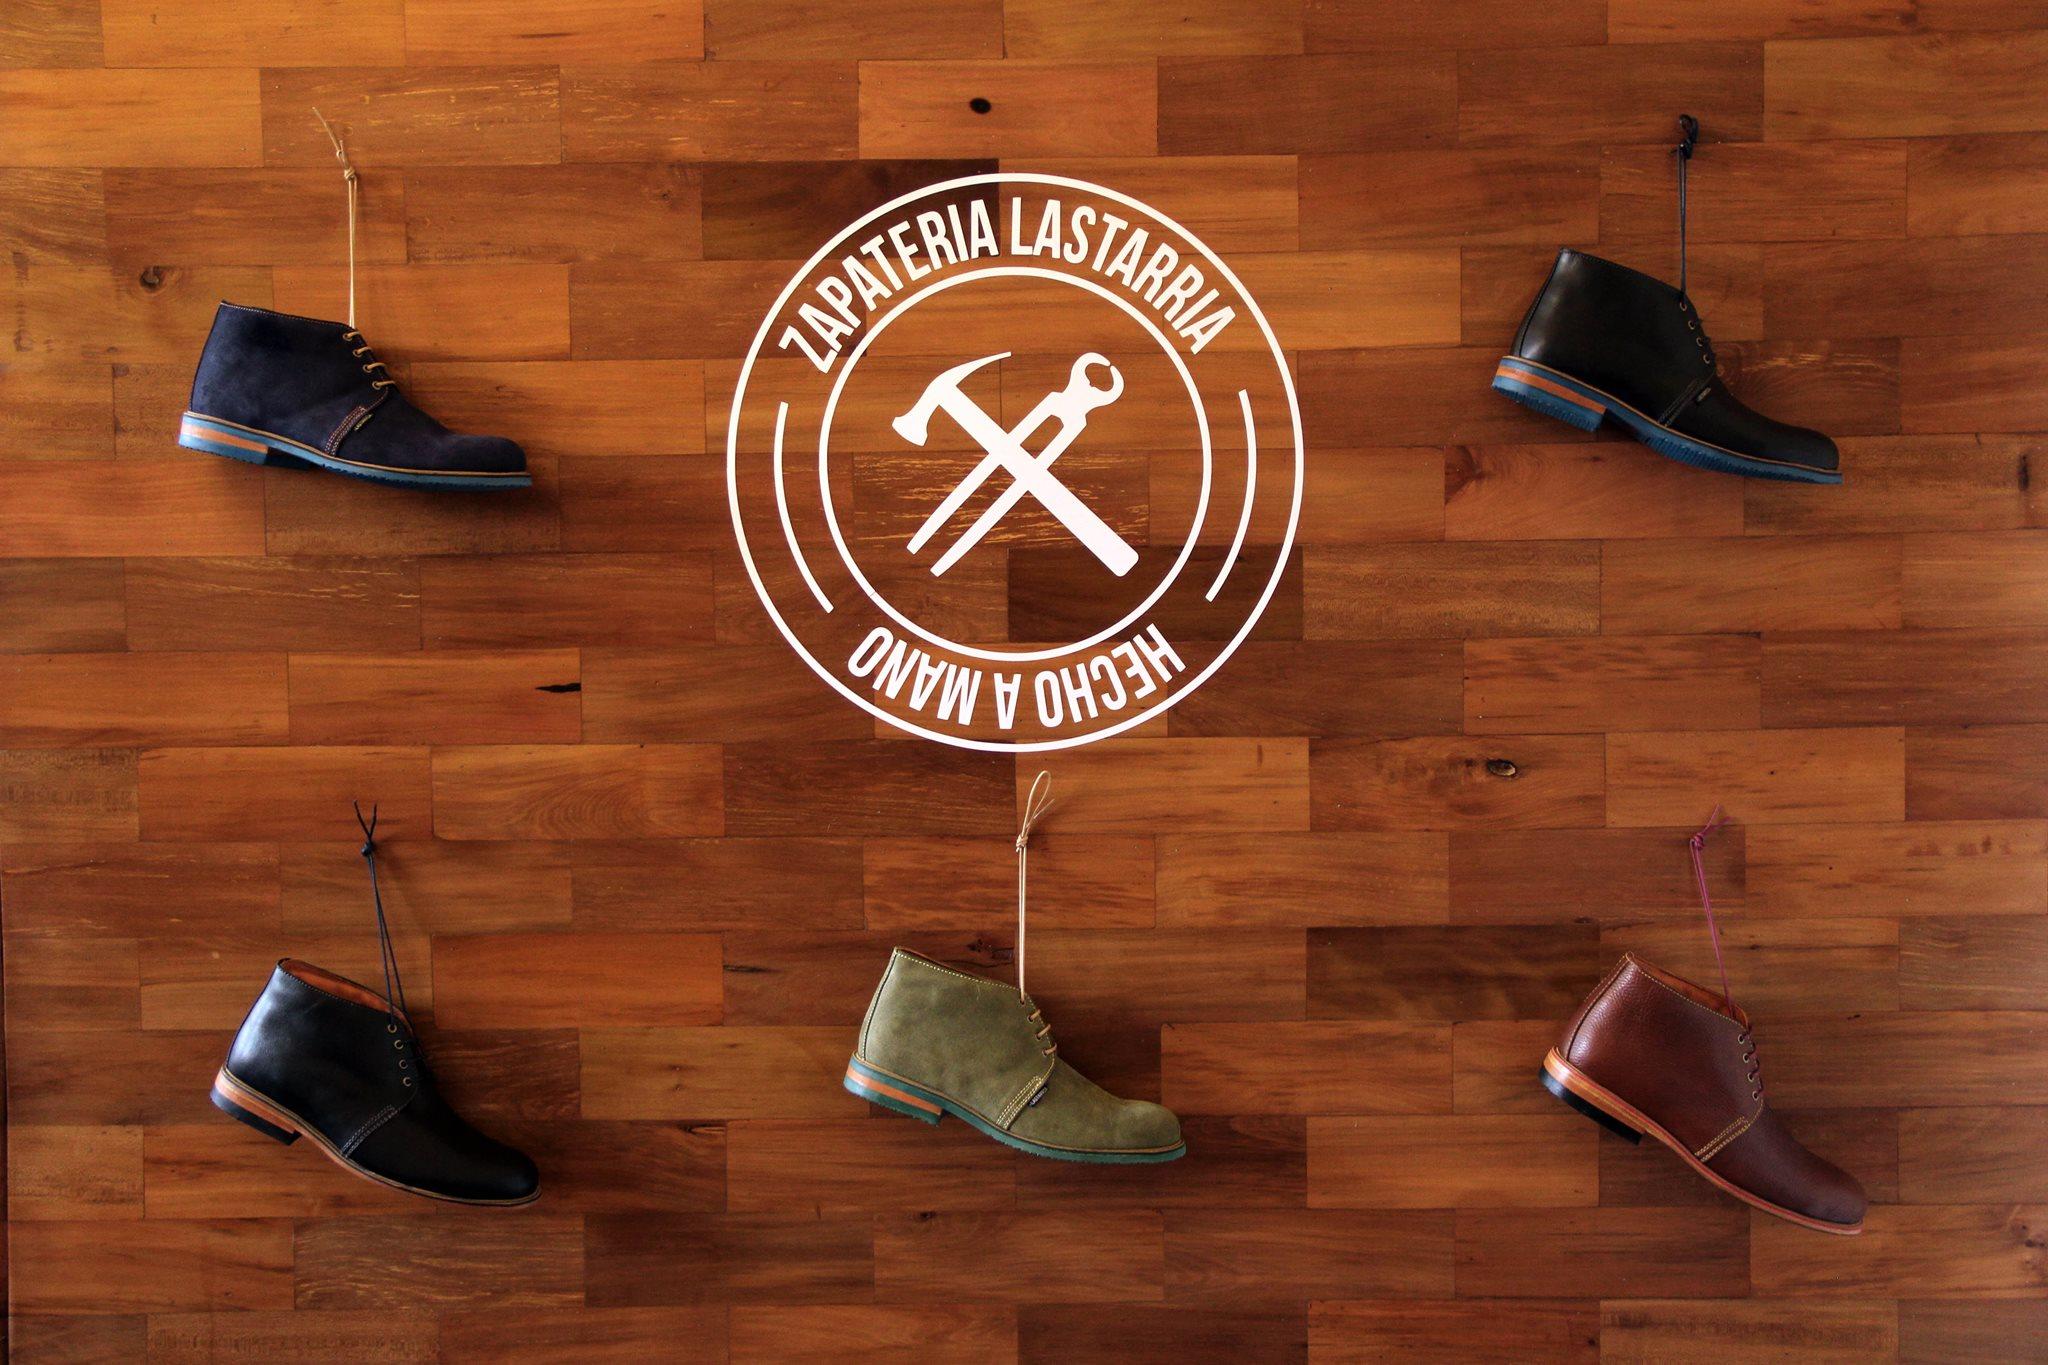 Zapatería Lastarria – Calzado de autor para Hombres